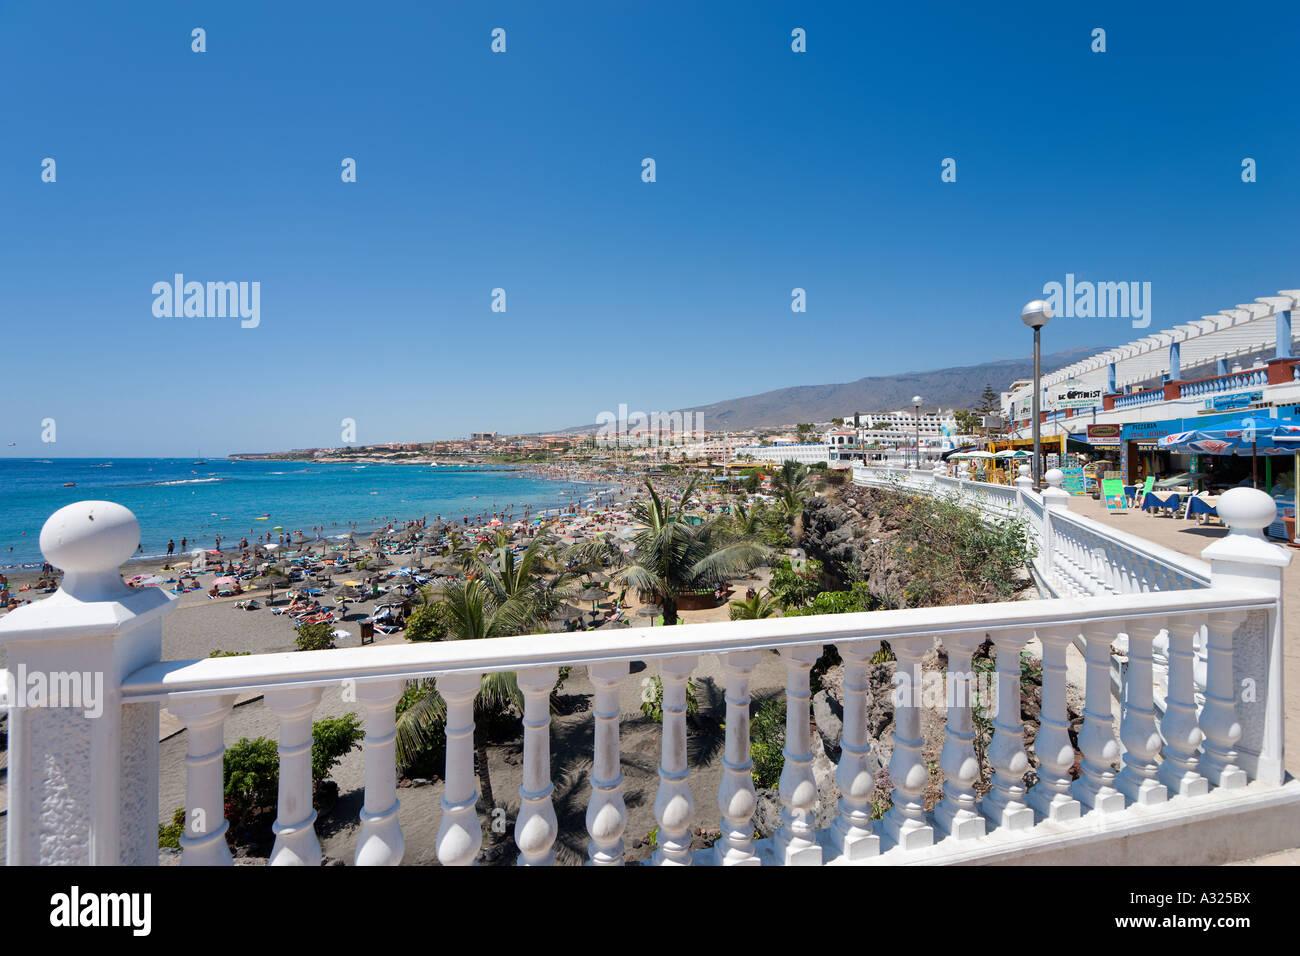 La playa y el paseo marítimo, la playa de Torviscas, Costa Adeje, Playa de las Americas, Tenerife, Islas Canarias, Imagen De Stock